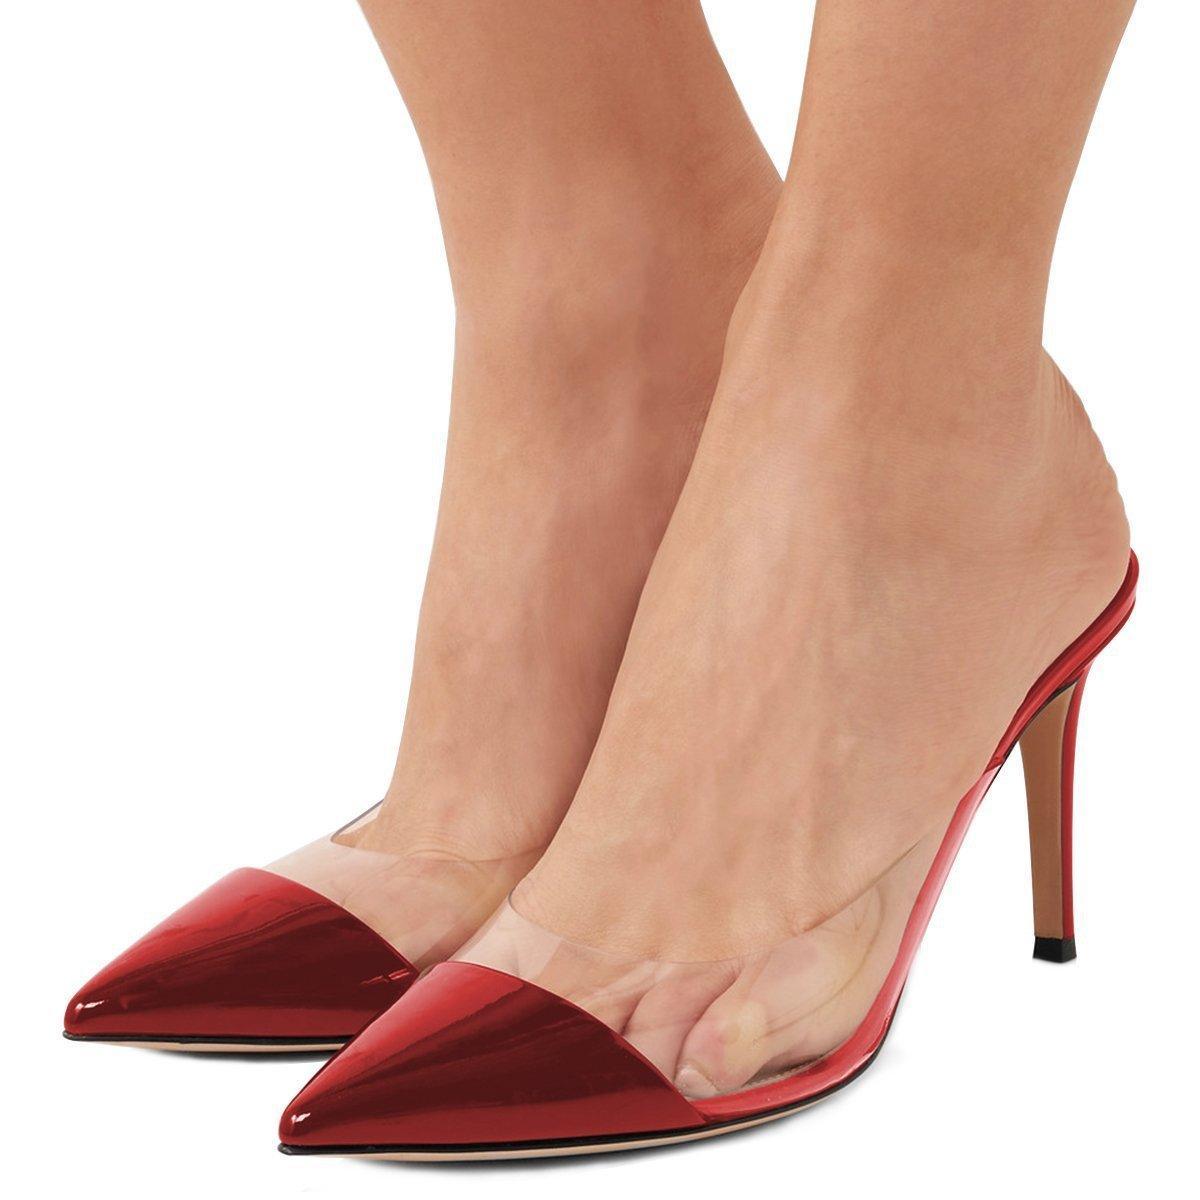 Fashion2019 Moda último zapato único Sharp Spelling Color Pvc fino con Go Excelentes zapatos de tacón alto codificarán